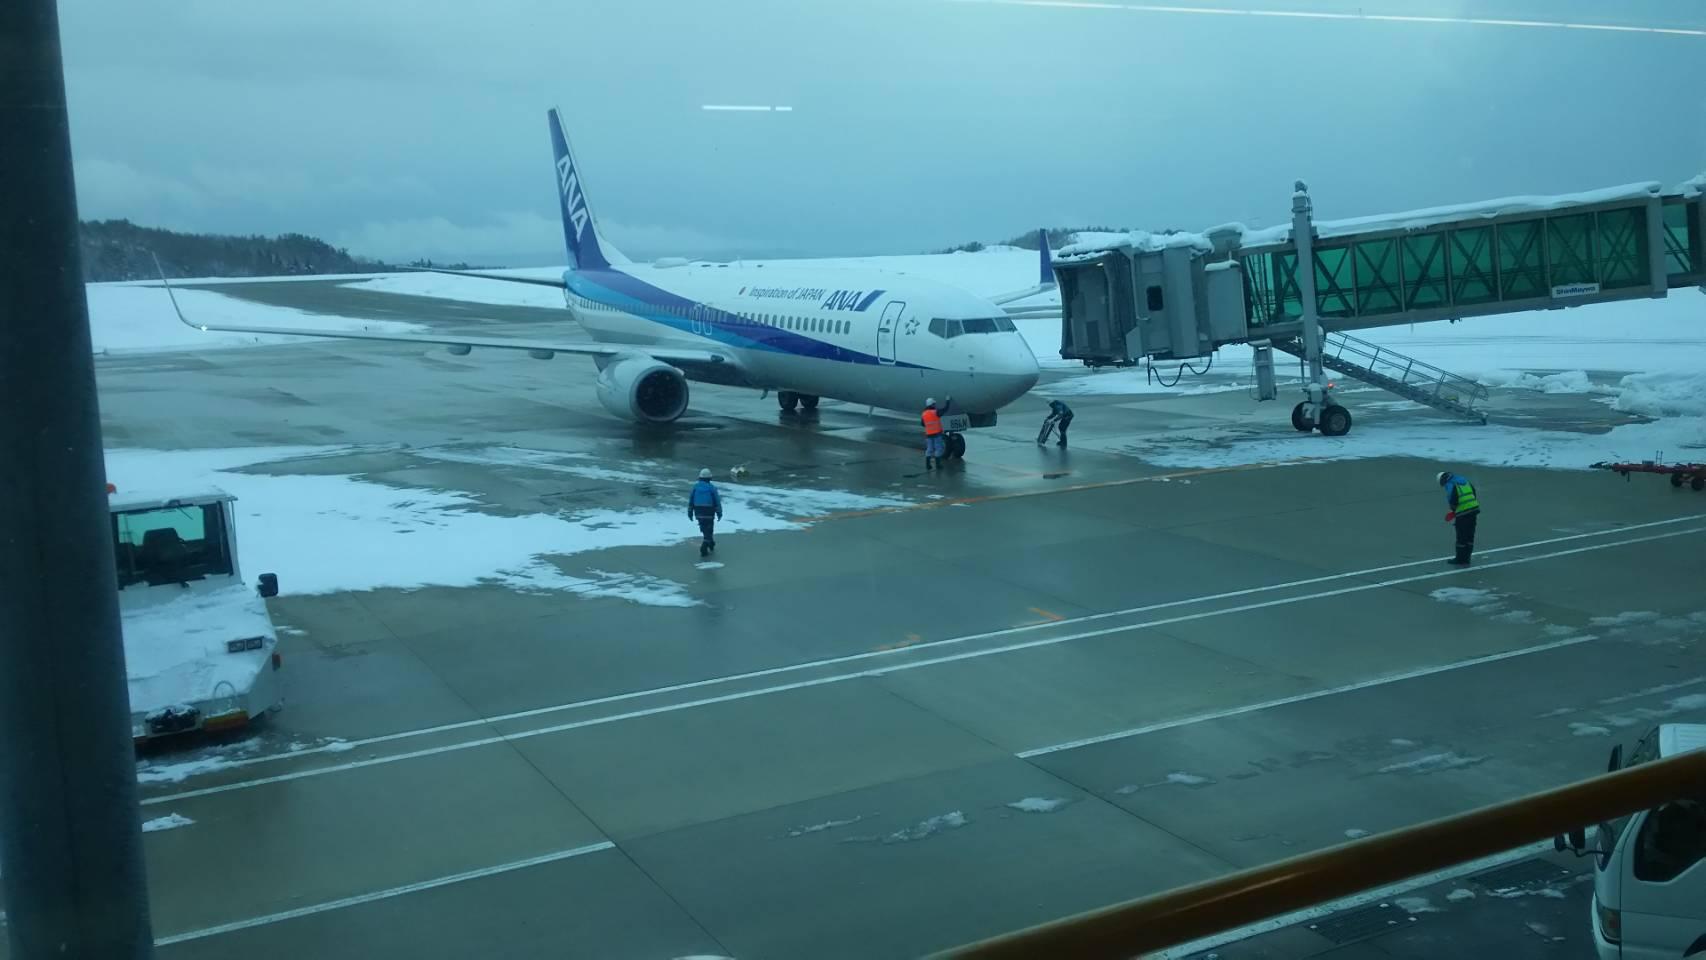 雪の能登空港